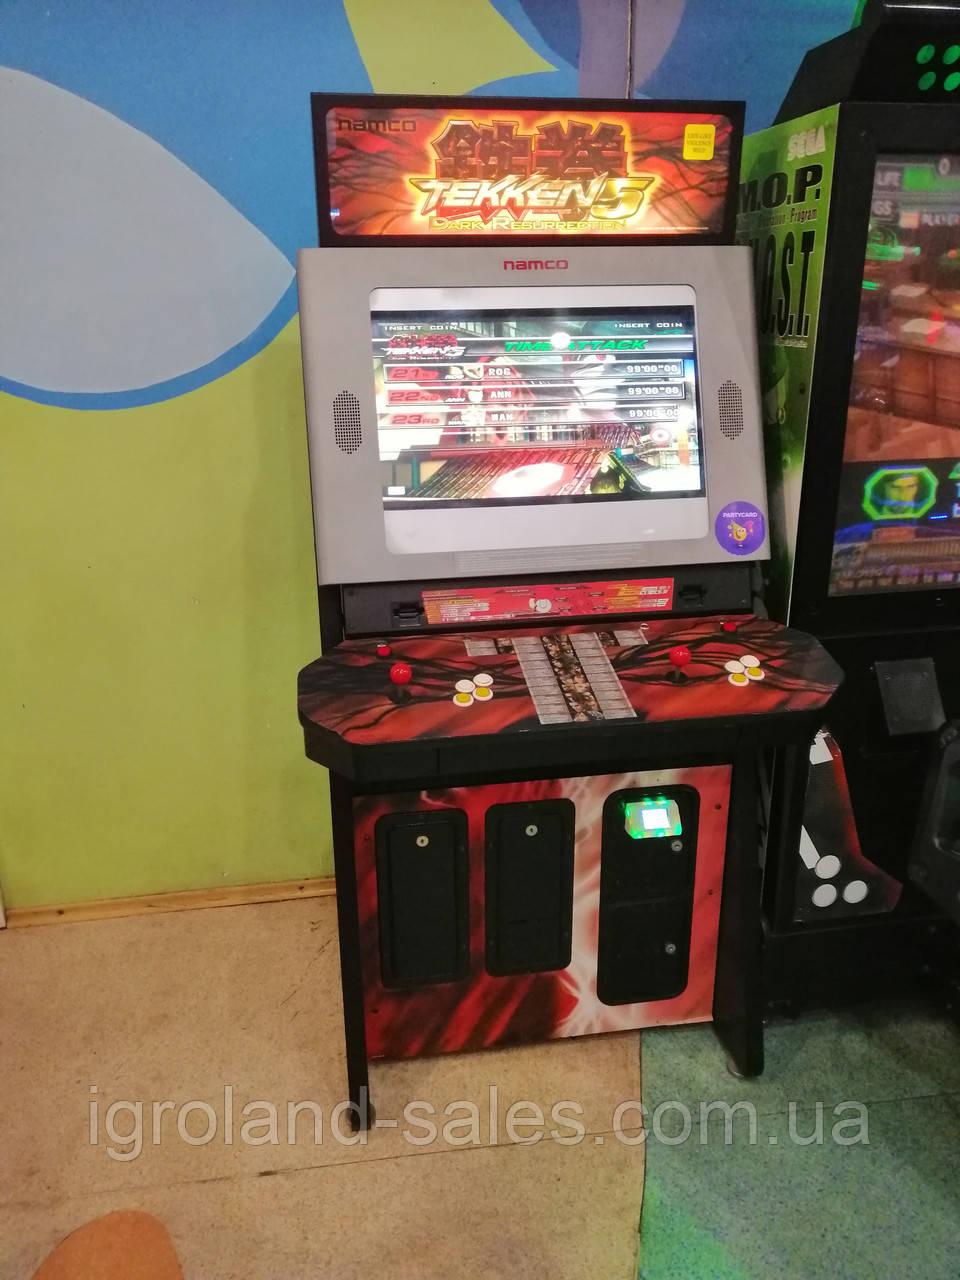 Tekken игровой автомат поиграть в i игровой автомат